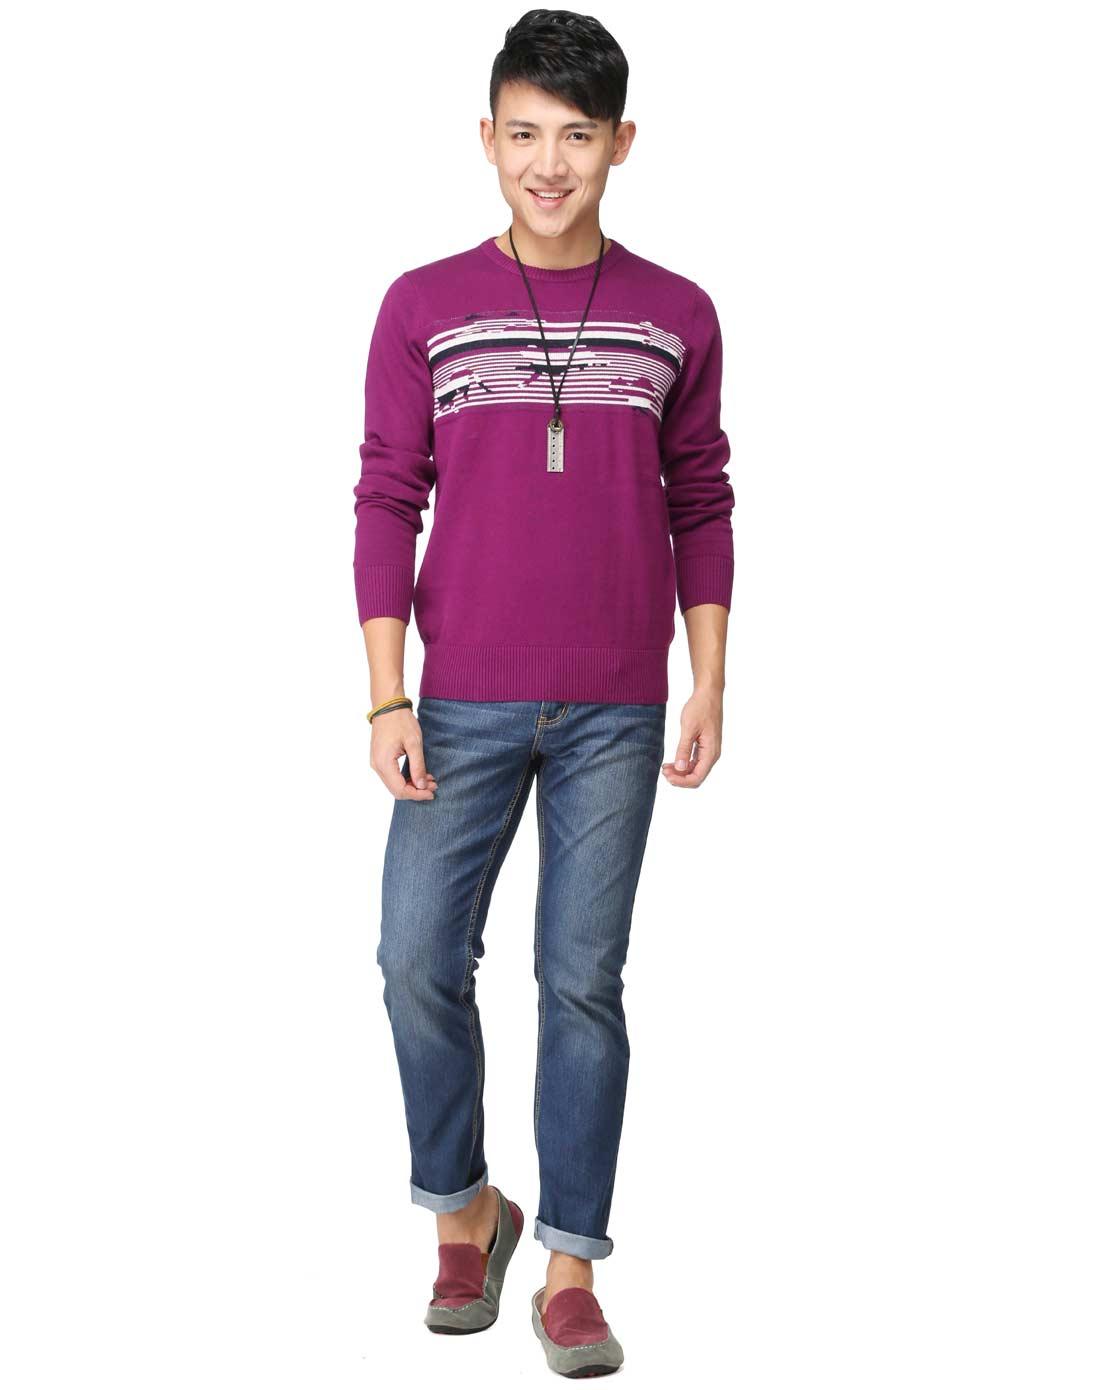 真维斯jeanswest男男装紫红色经典圆领针织衫jw-44图片